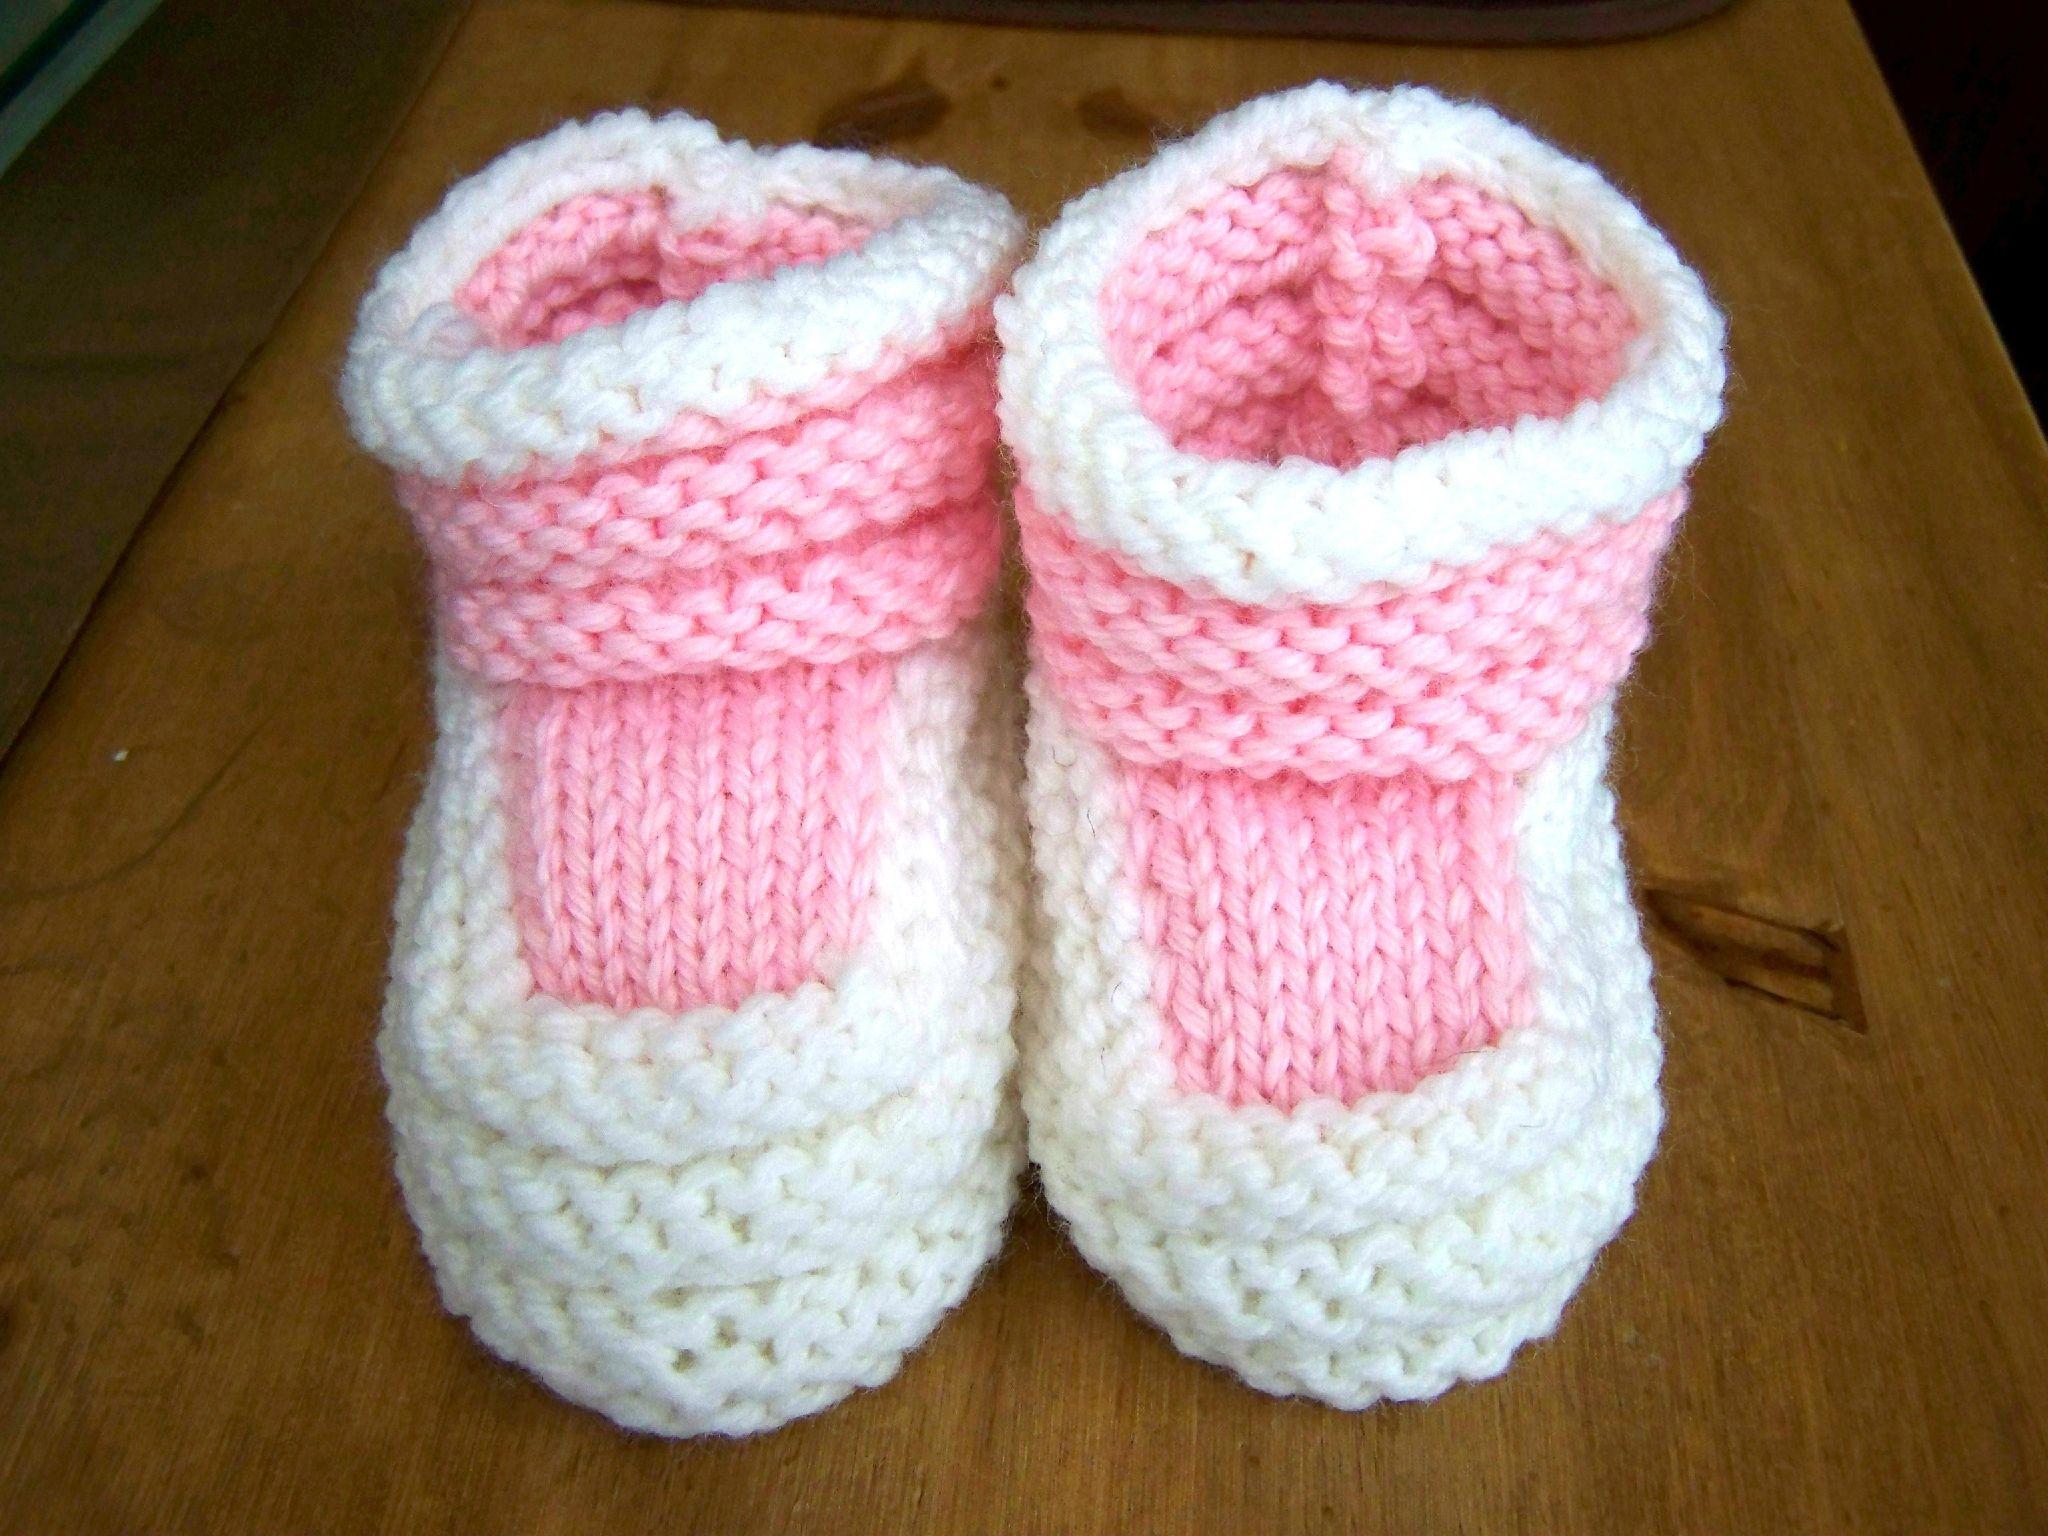 apprendre a tricoter des chaussons pour bebe pour debutant pinterest tricot baby. Black Bedroom Furniture Sets. Home Design Ideas